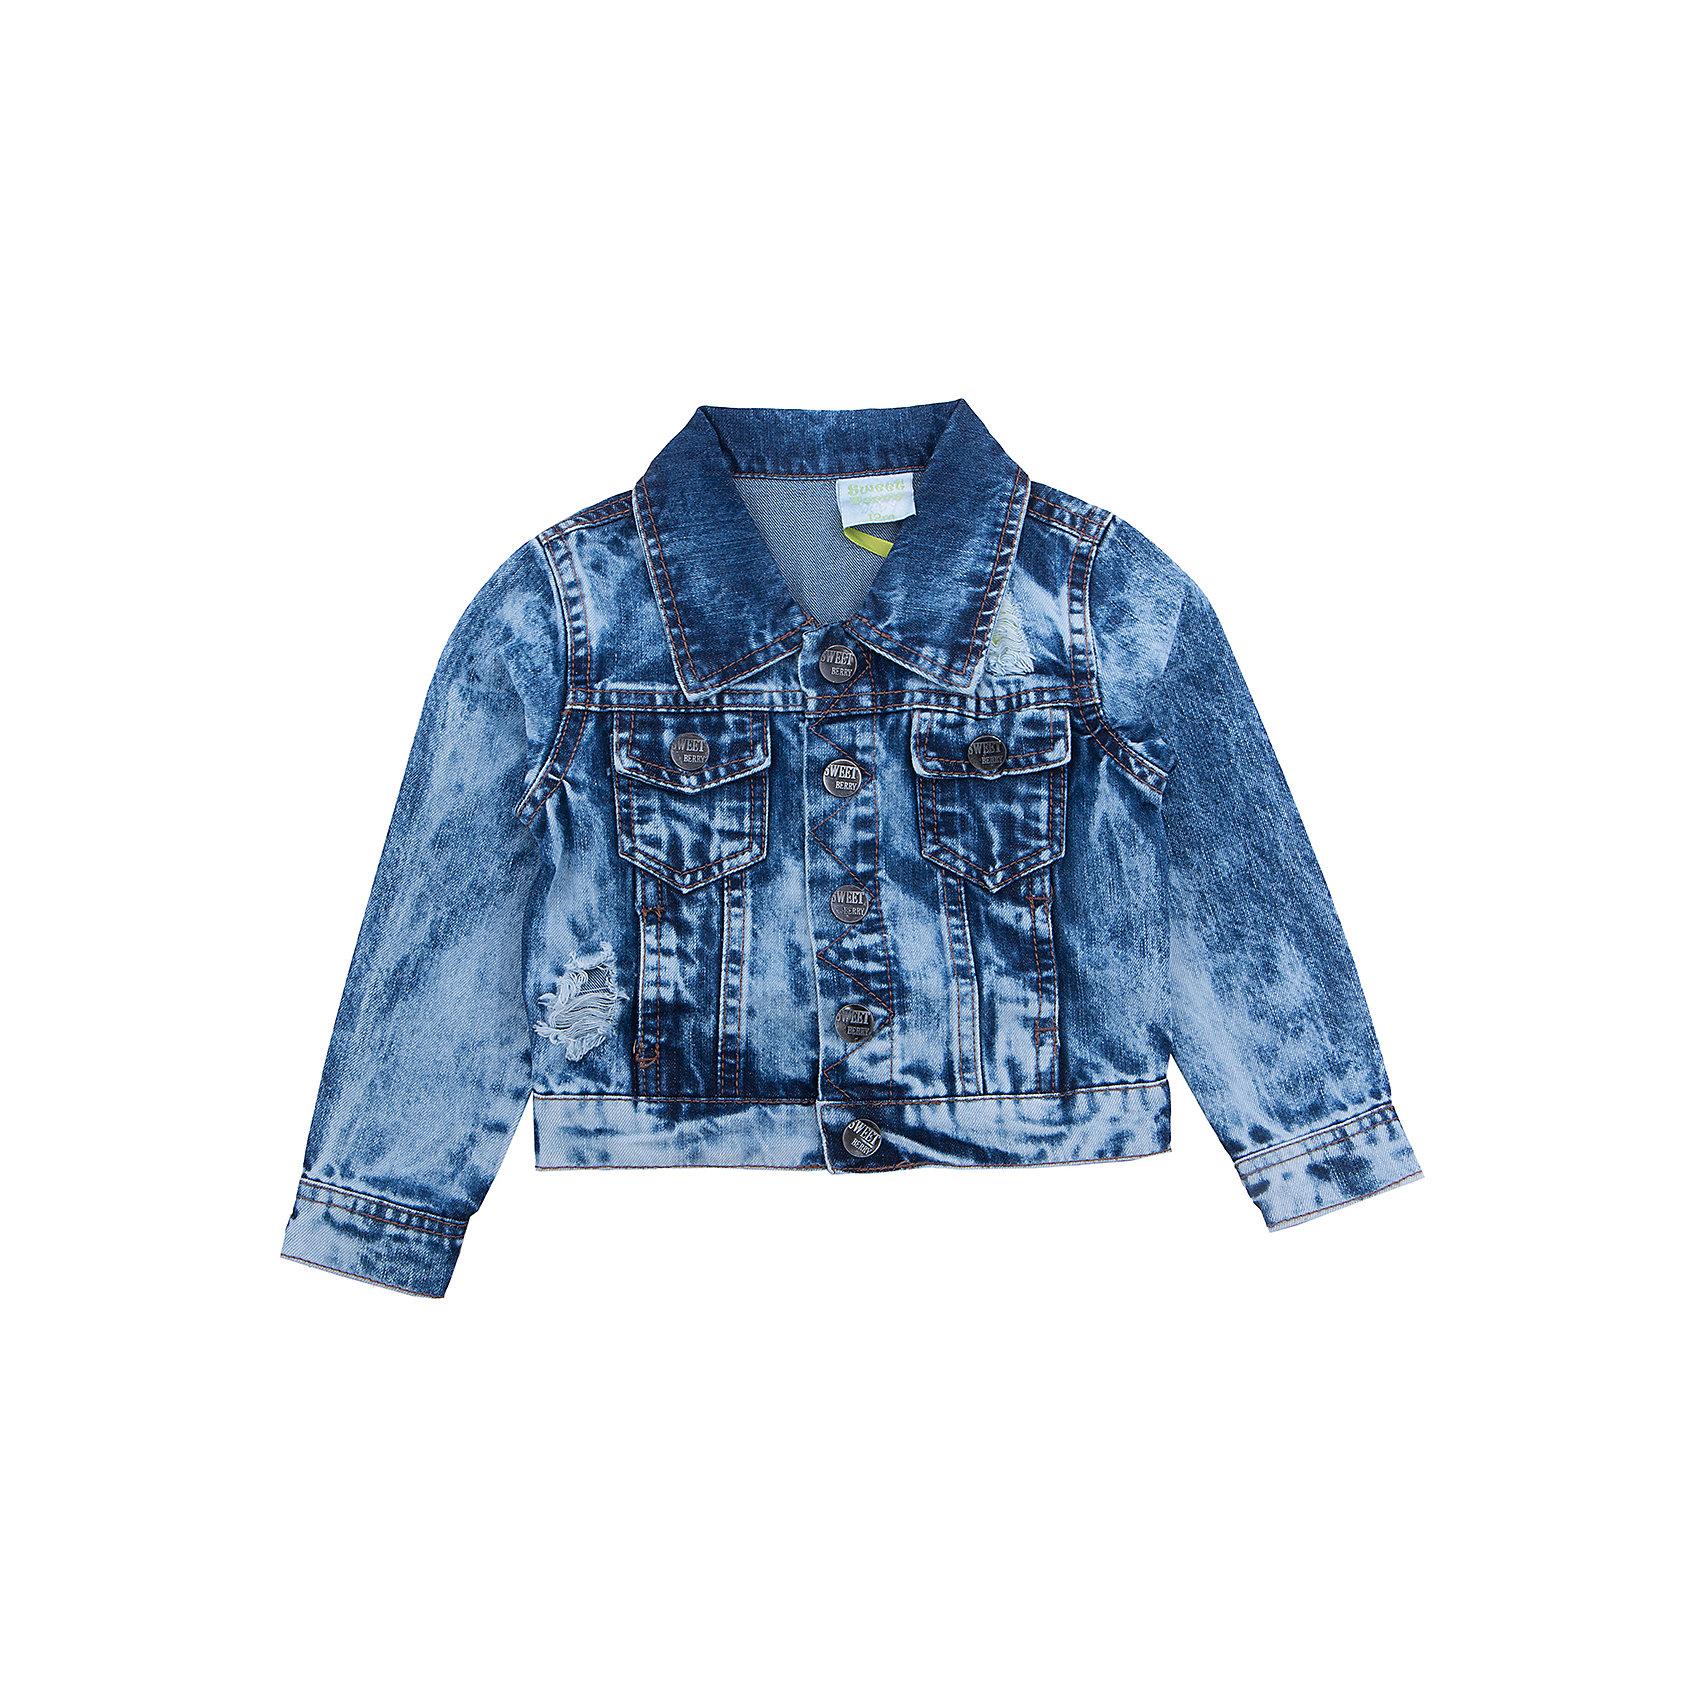 Куртка джинсовая для мальчика Sweet BerryДжинсовая куртка  для мальчика с оригинальной варкой. Декорирована потертостями и эффектом рваной джинсы. Куртка застегивается на кнопки, спереди два накладных кармана. Воротник отложной.<br>Состав:<br>100%хлопок<br><br>Ширина мм: 356<br>Глубина мм: 10<br>Высота мм: 245<br>Вес г: 519<br>Цвет: синий<br>Возраст от месяцев: 12<br>Возраст до месяцев: 15<br>Пол: Мужской<br>Возраст: Детский<br>Размер: 80,86,92,98<br>SKU: 5411705